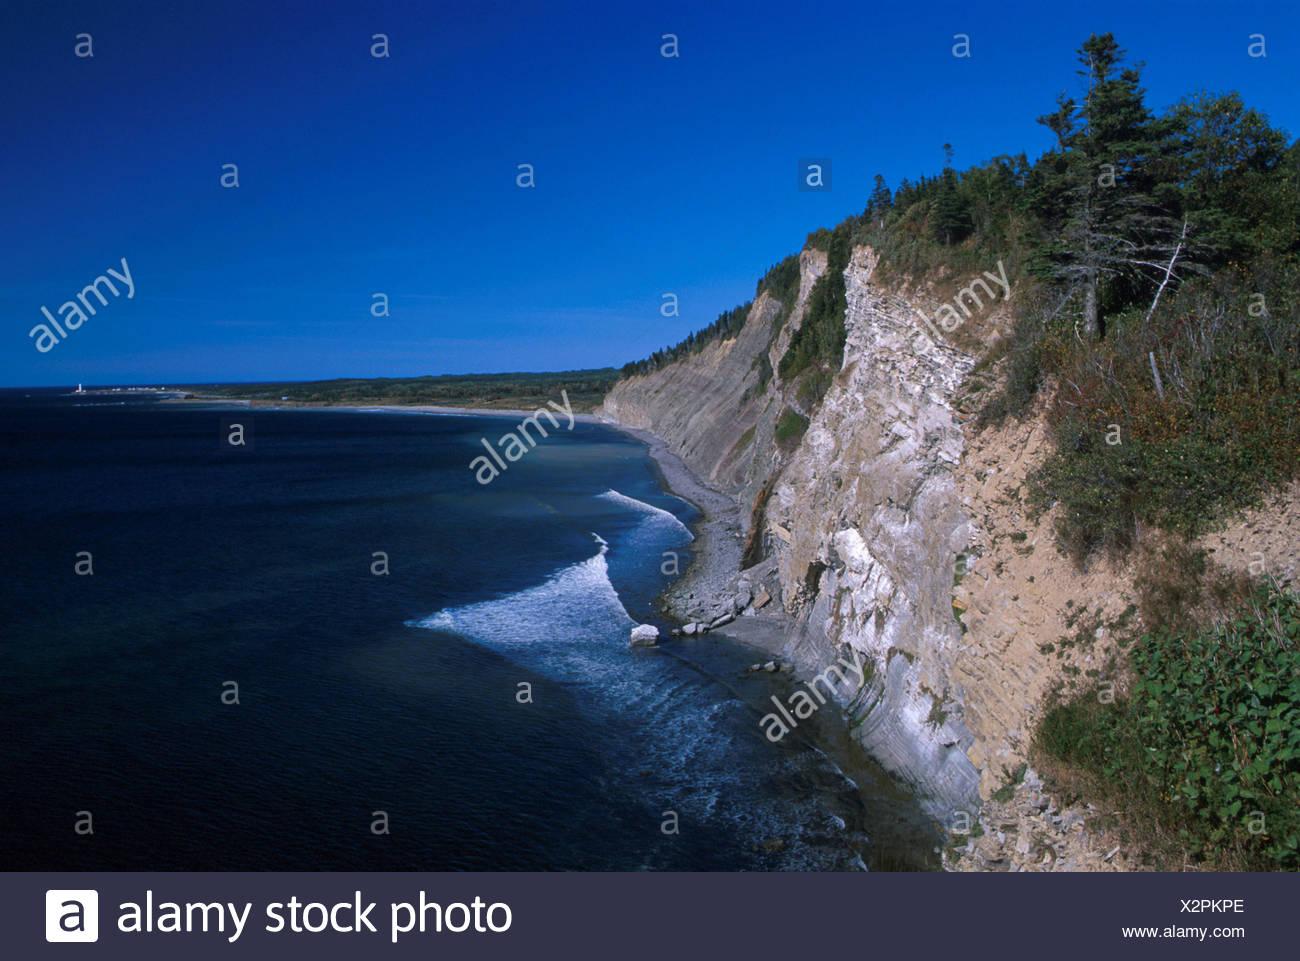 Canada Amérique du Nord Amérique latine Le cap Bon Ami cliffs coast Gaspésie Québec rock mer paysage paysages Photo Stock